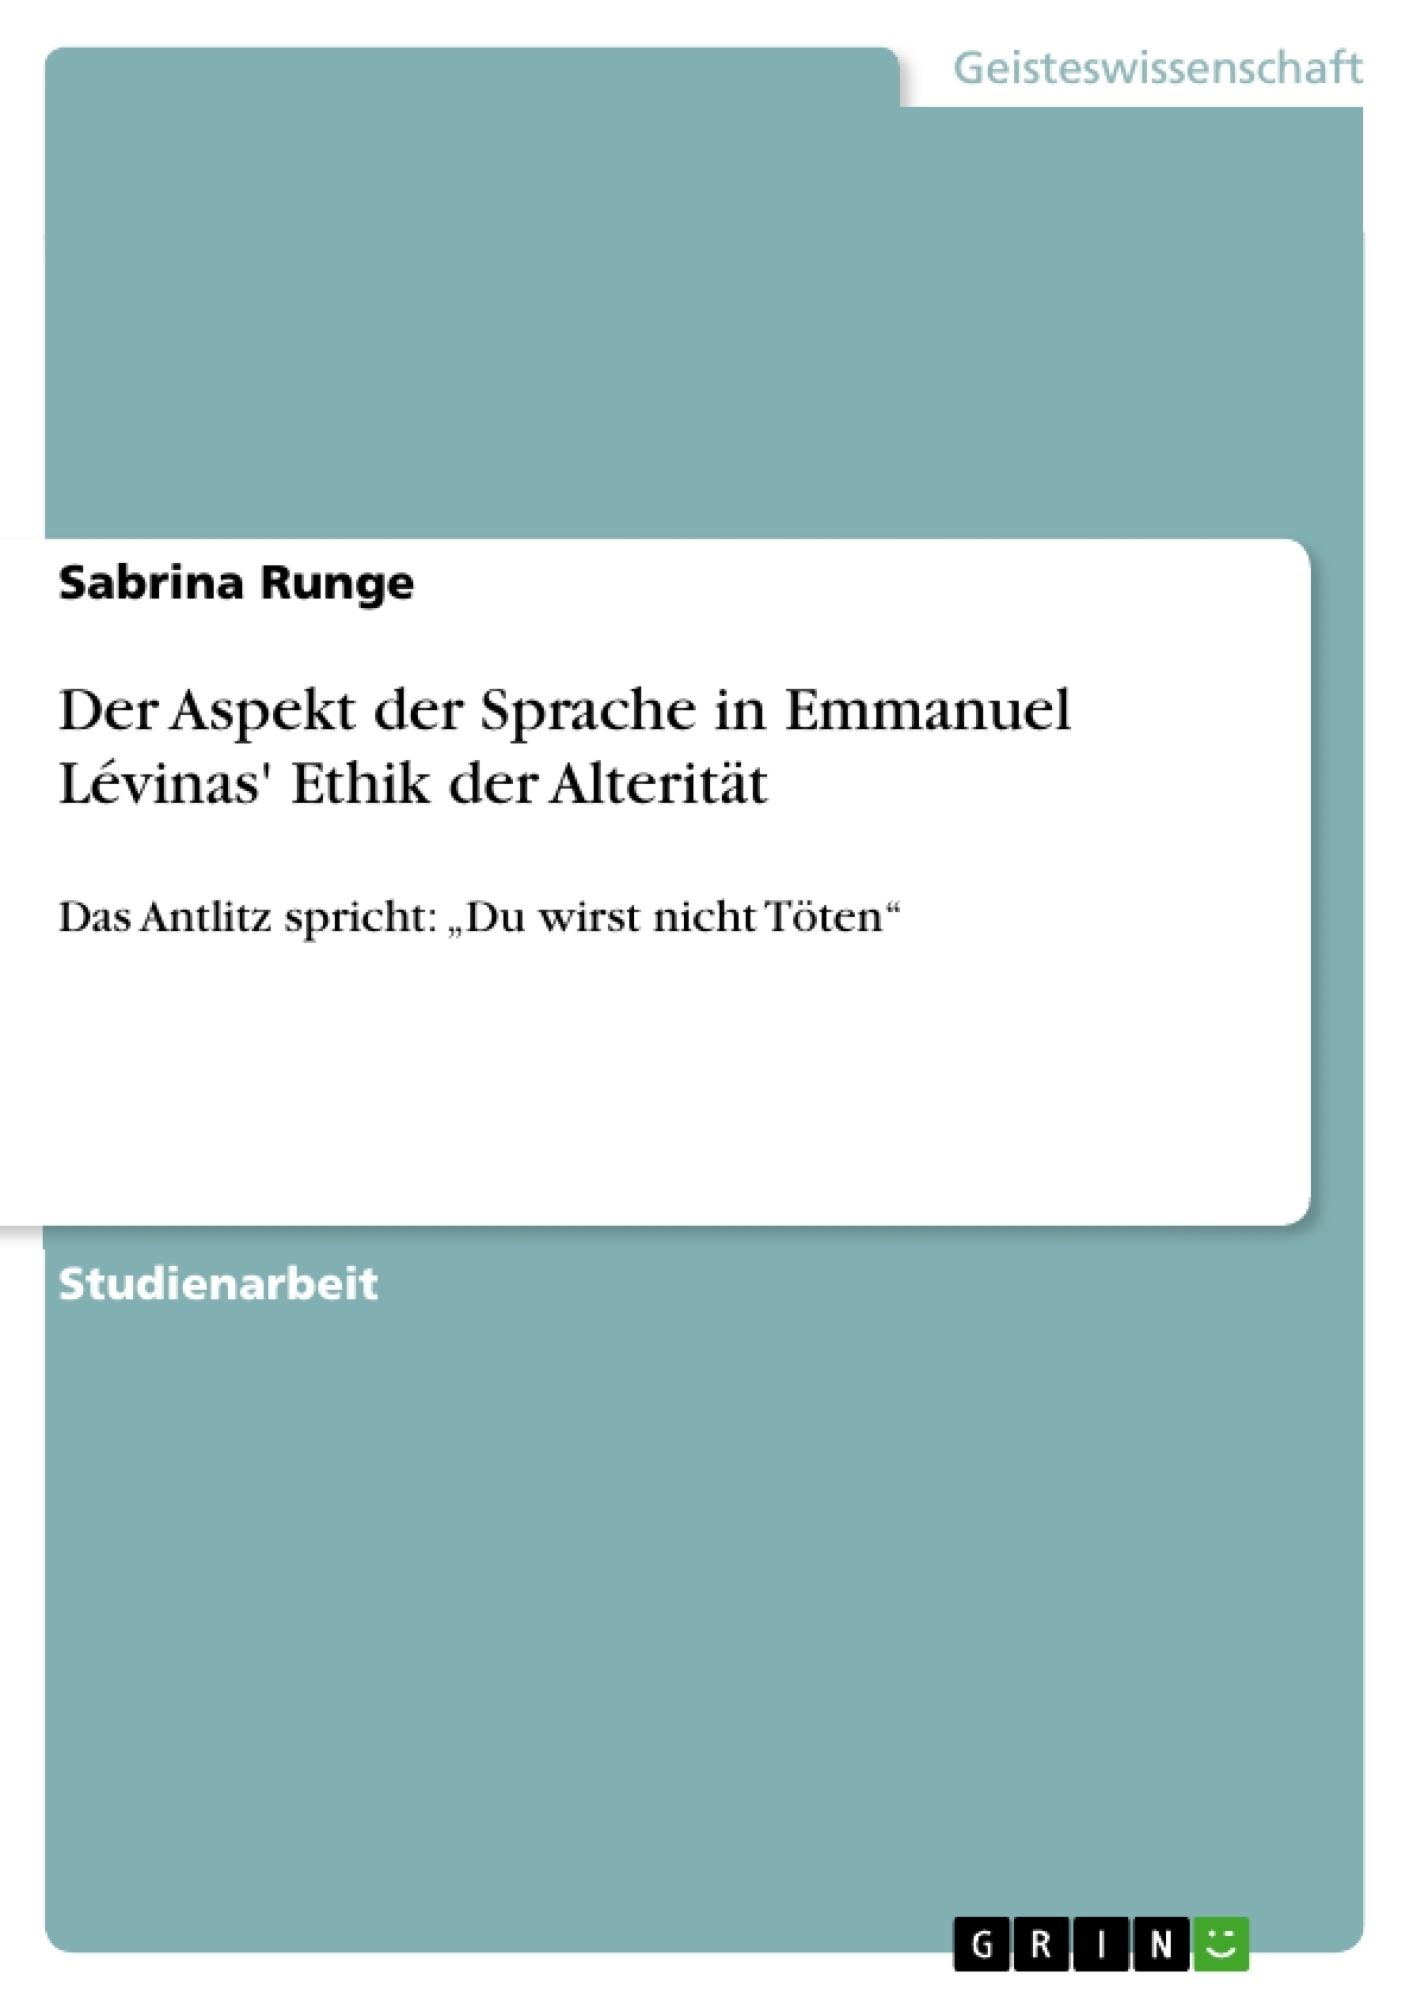 Titel: Der Aspekt der Sprache in Emmanuel Lévinas' Ethik der Alterität